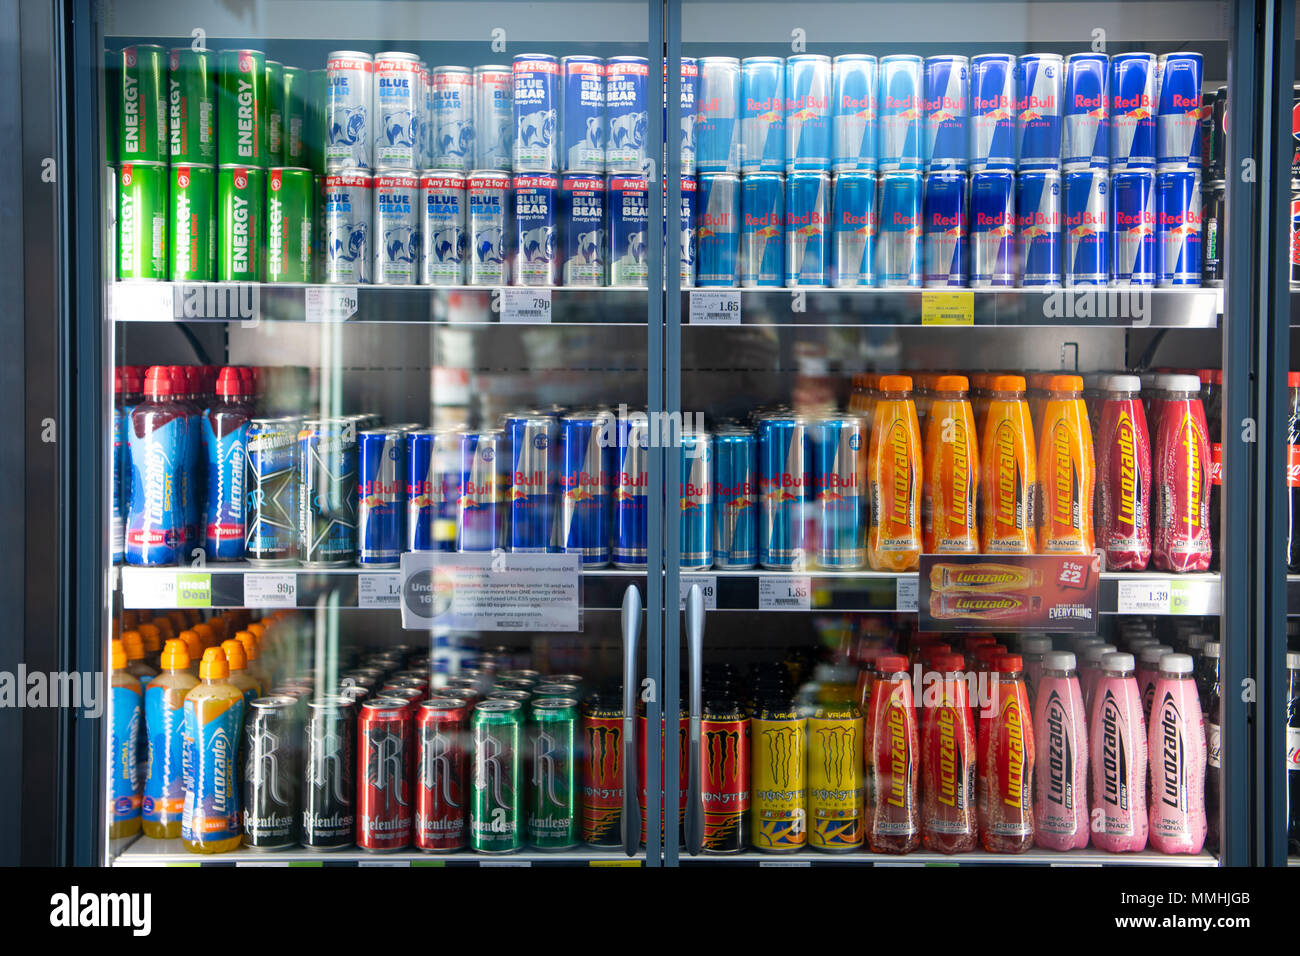 Red Bull Getränke Kühlschrank : Kohlensäurehaltige getränke zum verkauf in einem supermarkt